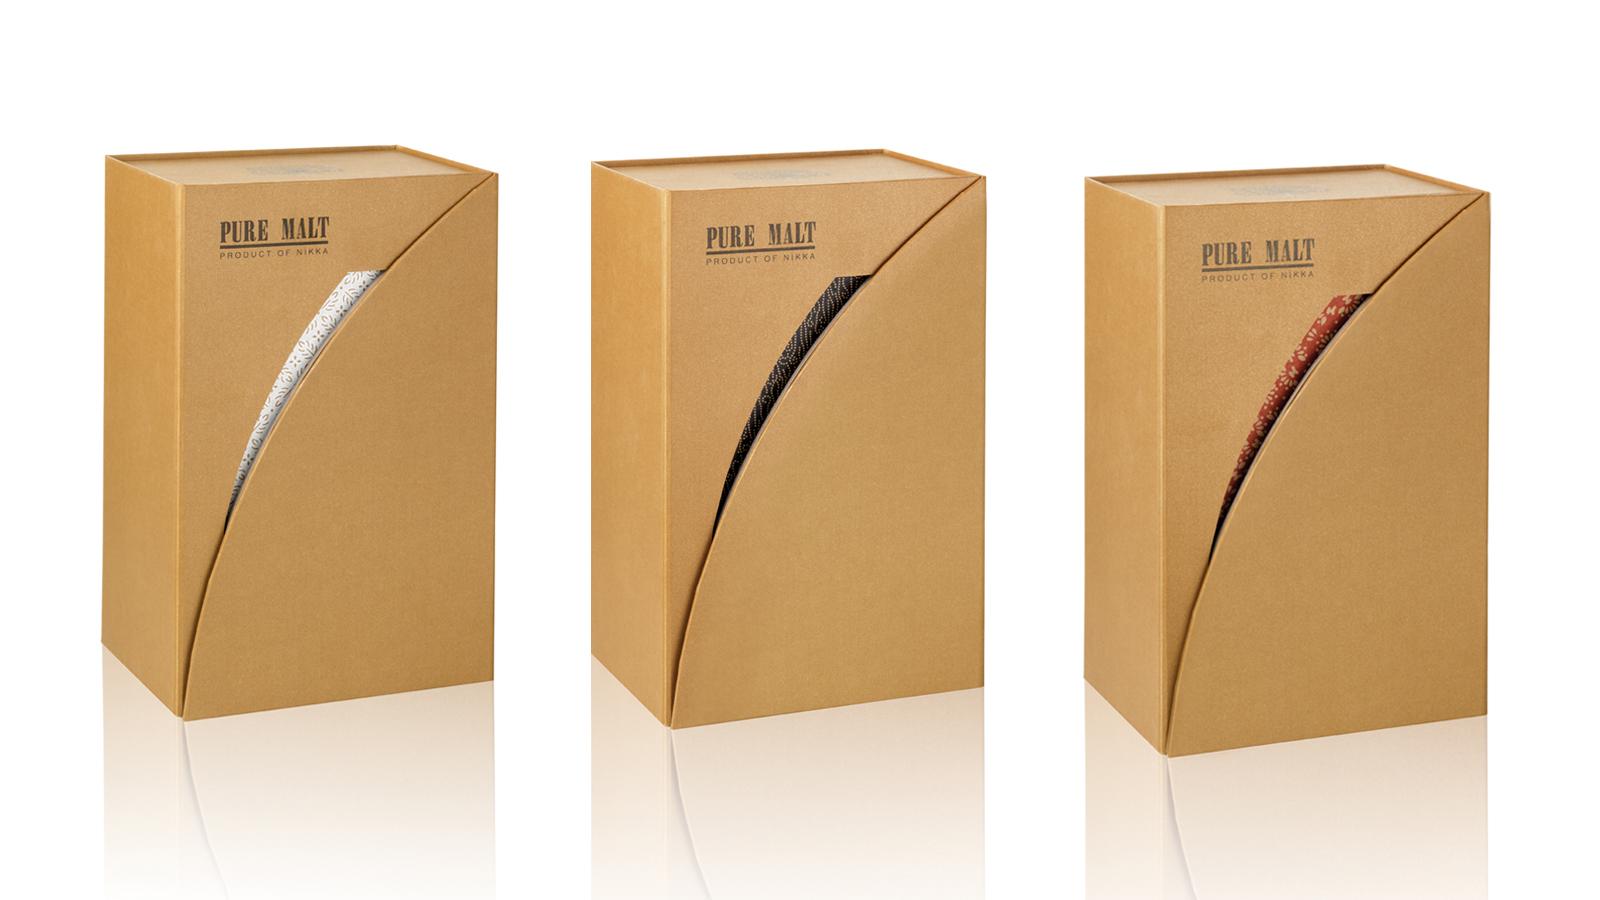 1-2S_Nikka-Whisky-japonais-coffret Pure Malt-Design-Packaging.jpg